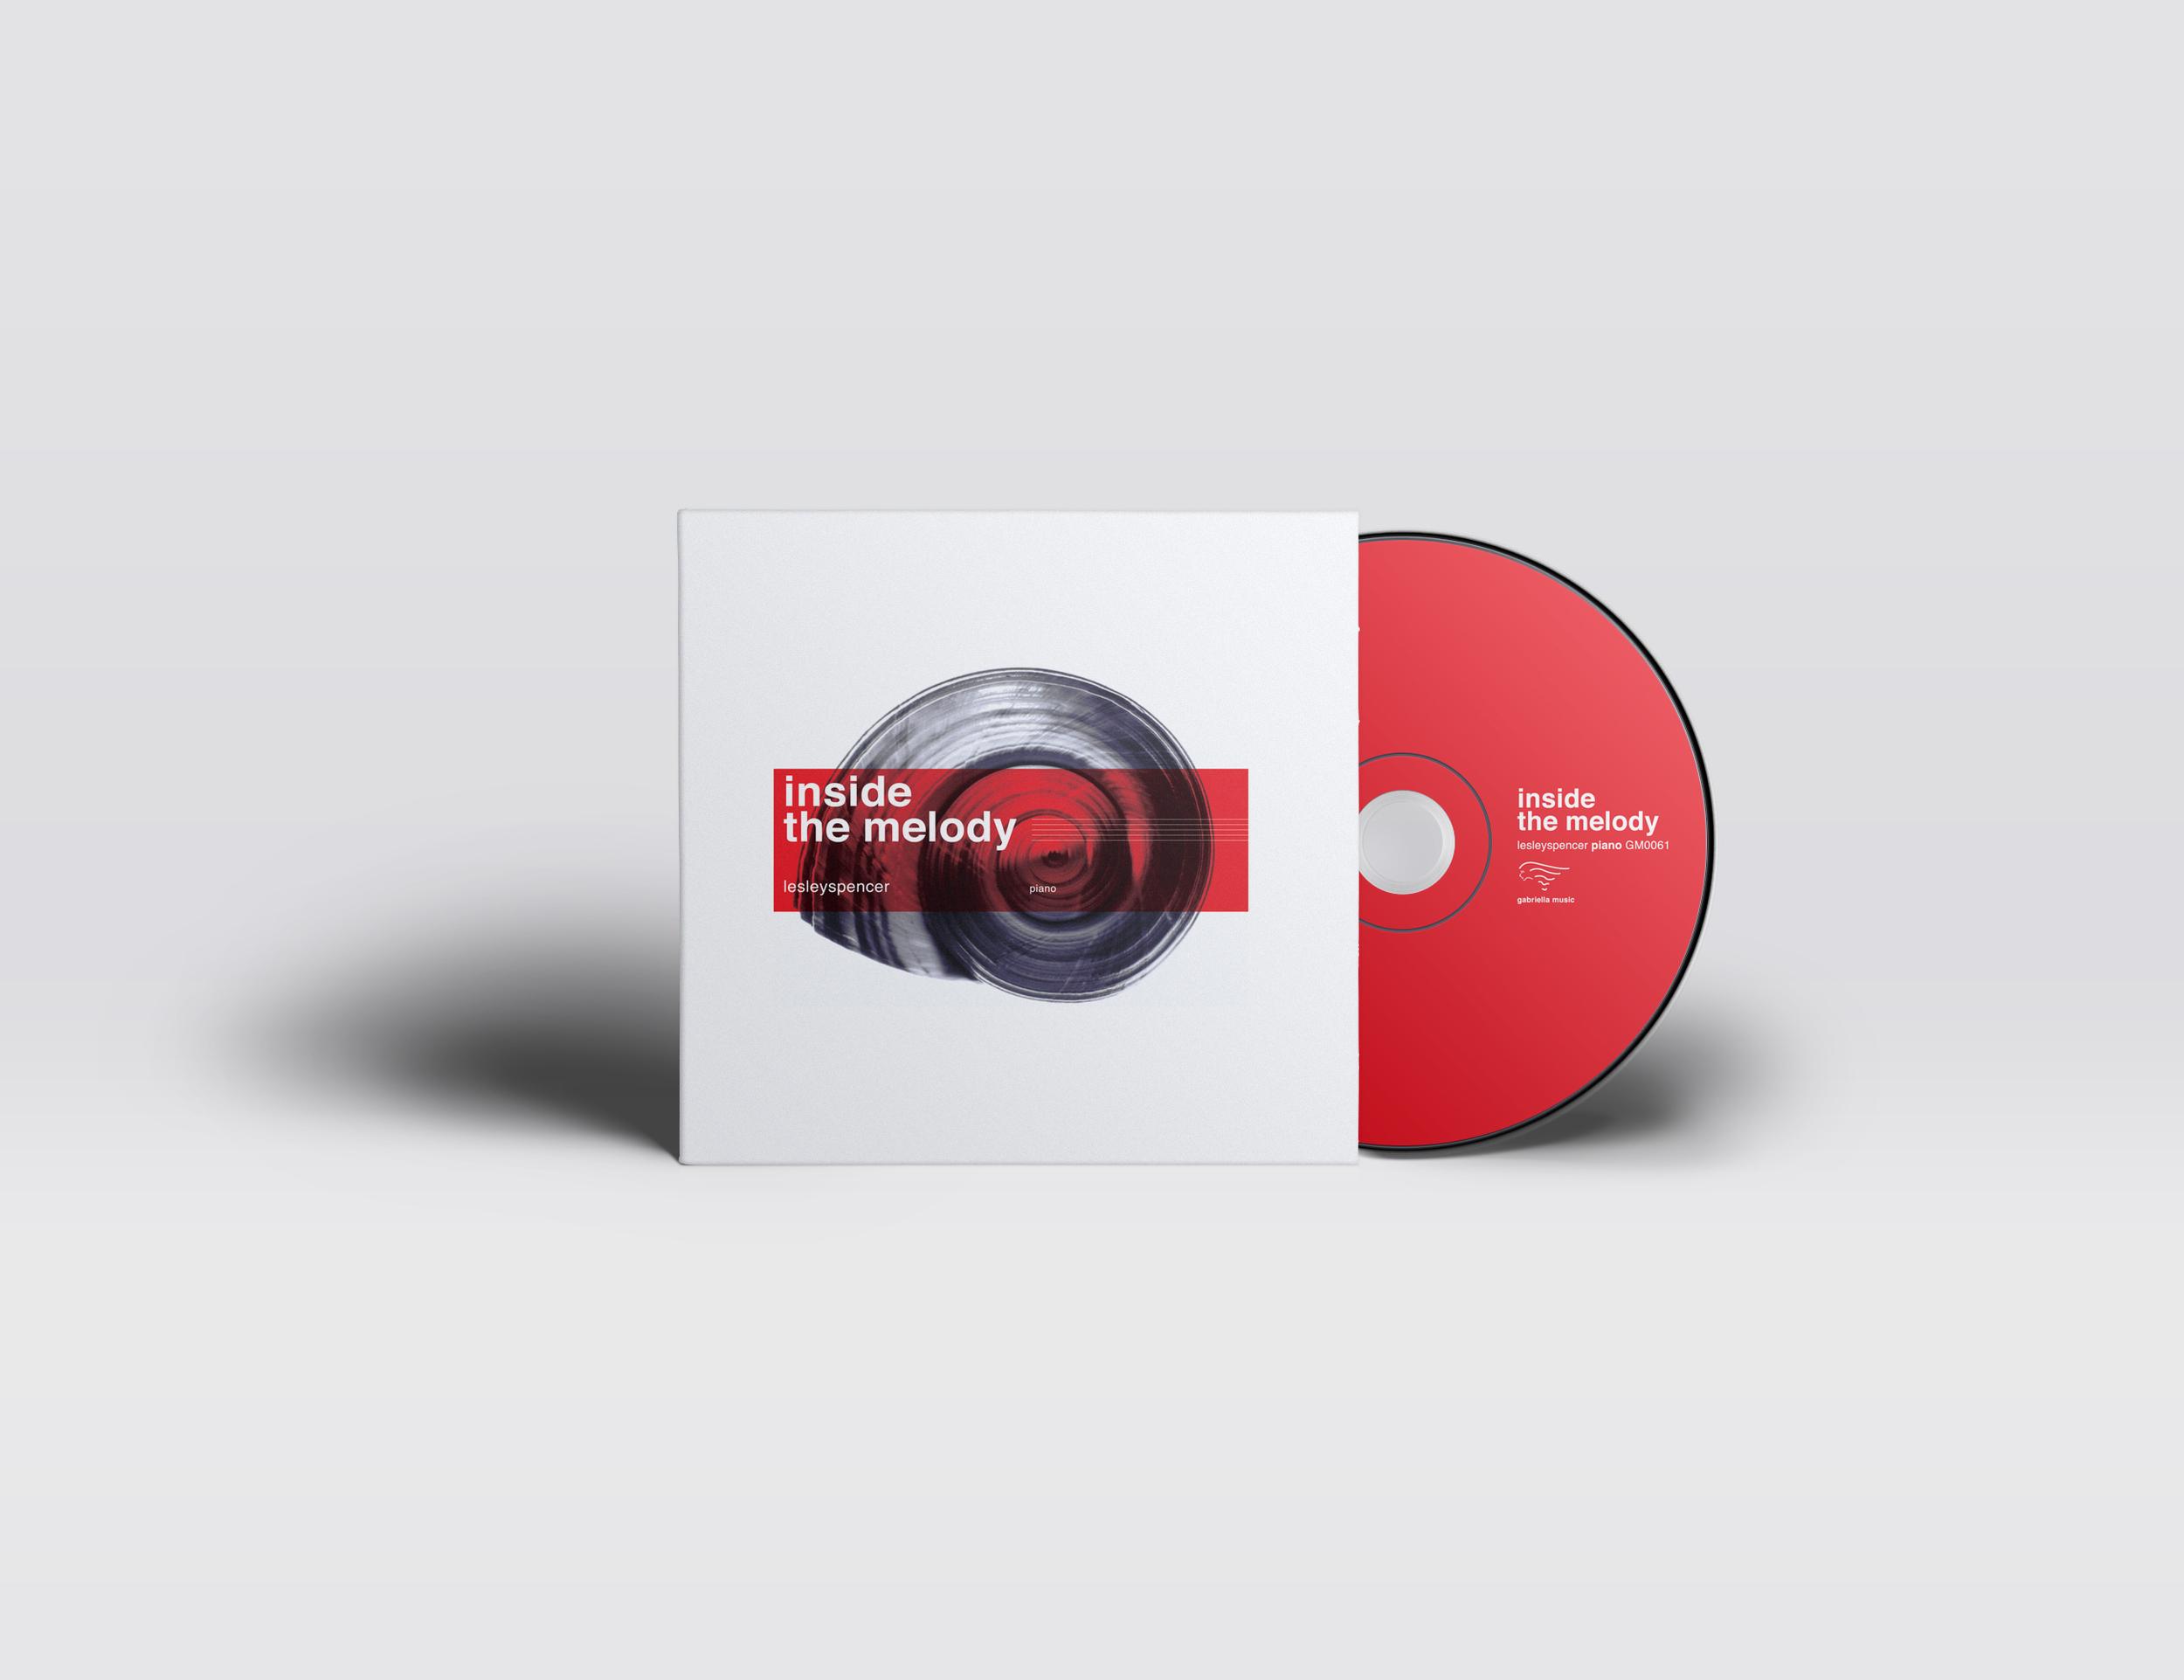 3D_lesley-spencer_inside-melody_cd.jpg